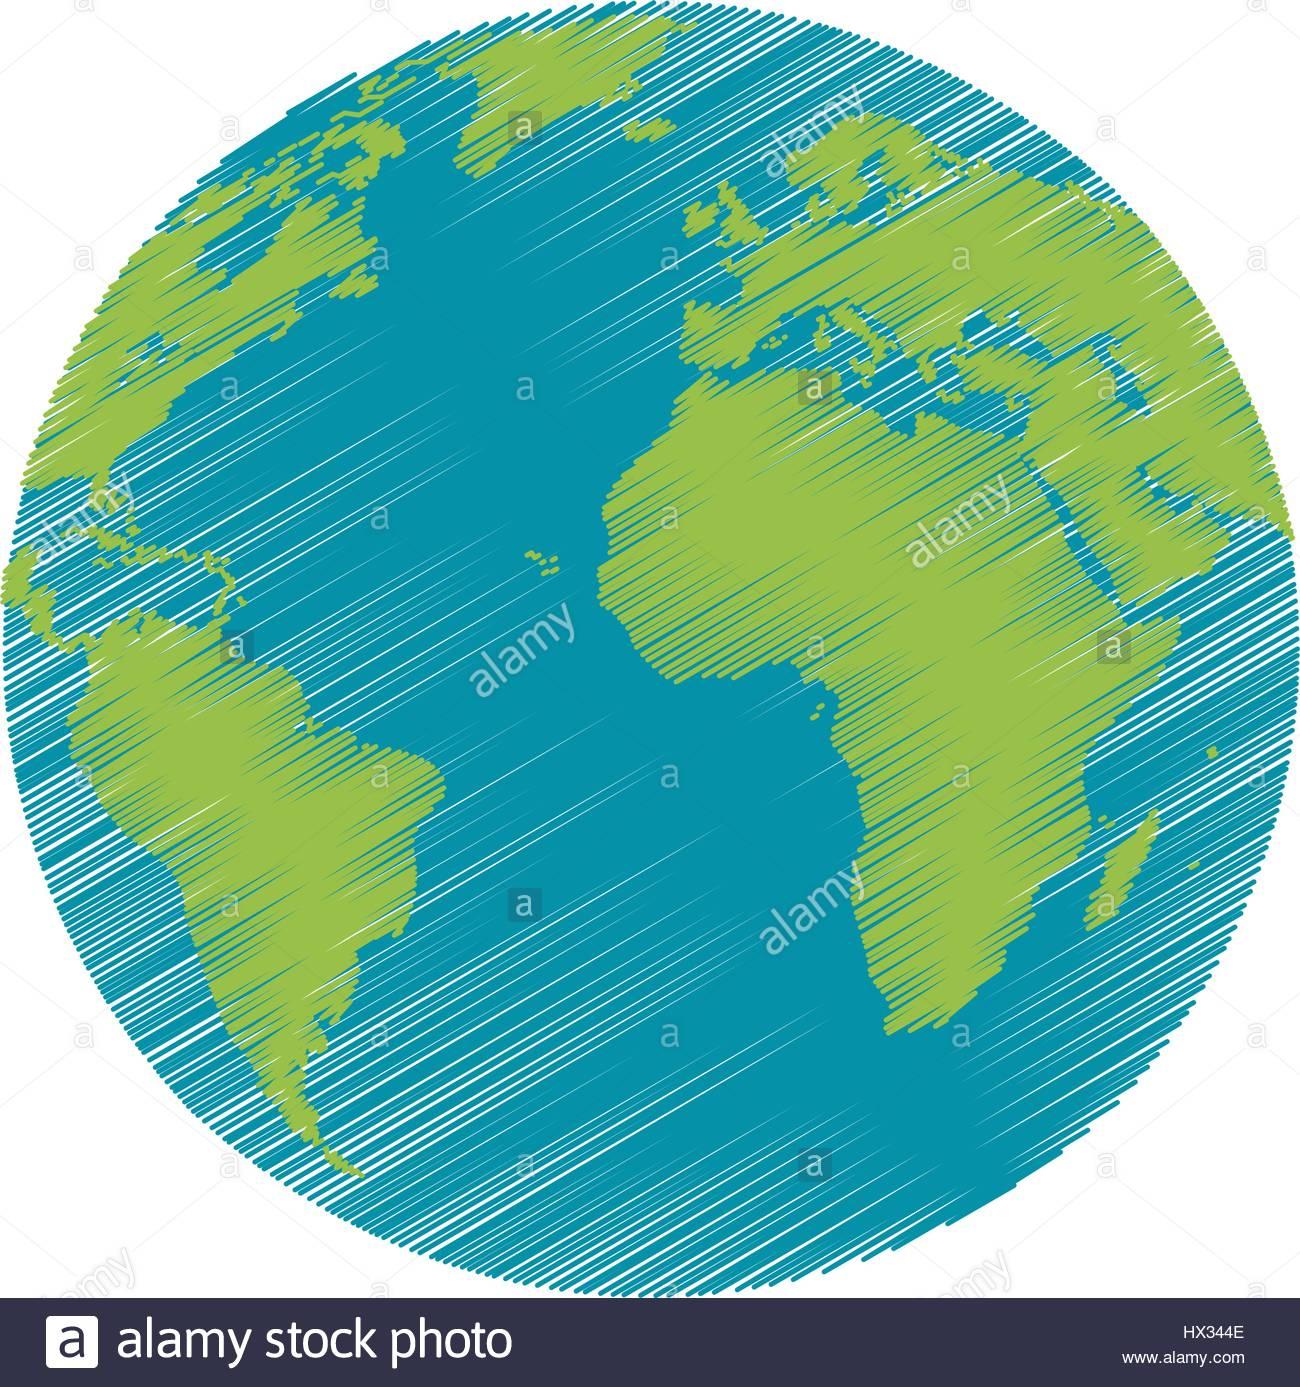 Planète Terre Dessin Image Mondiale Vecteurs Et Illustration destiné Image De La Terre Dessin